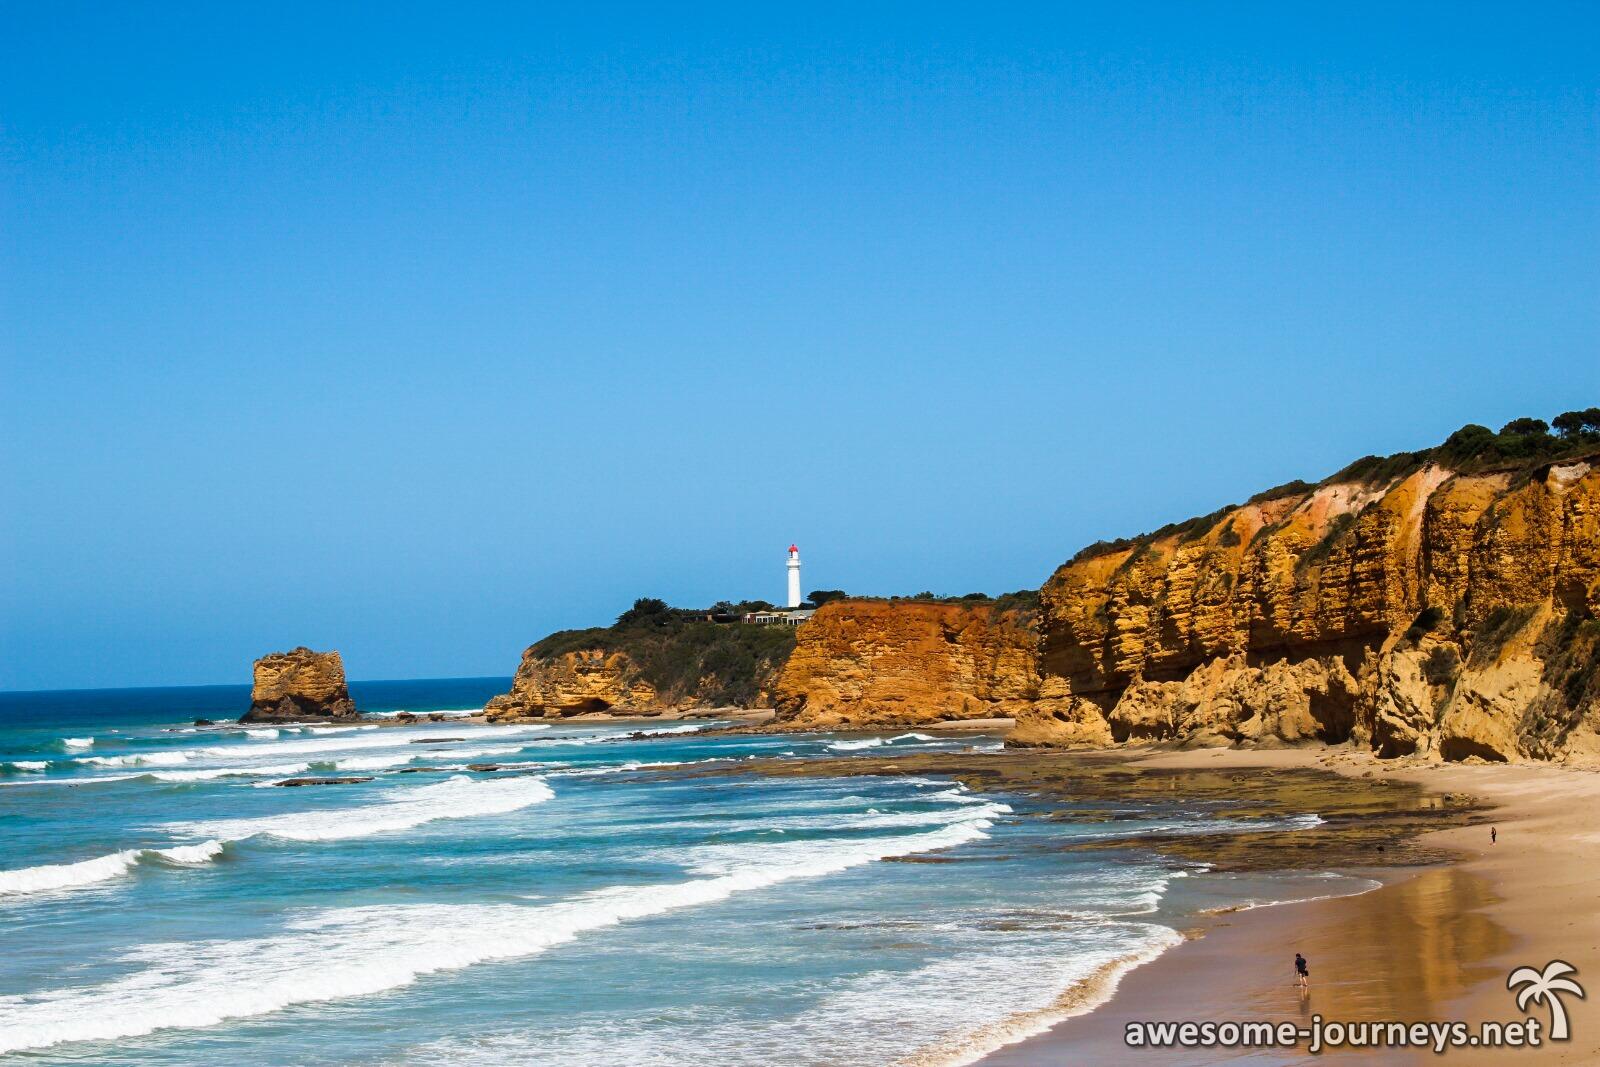 australien_great_ocean_road_lighthouselookout